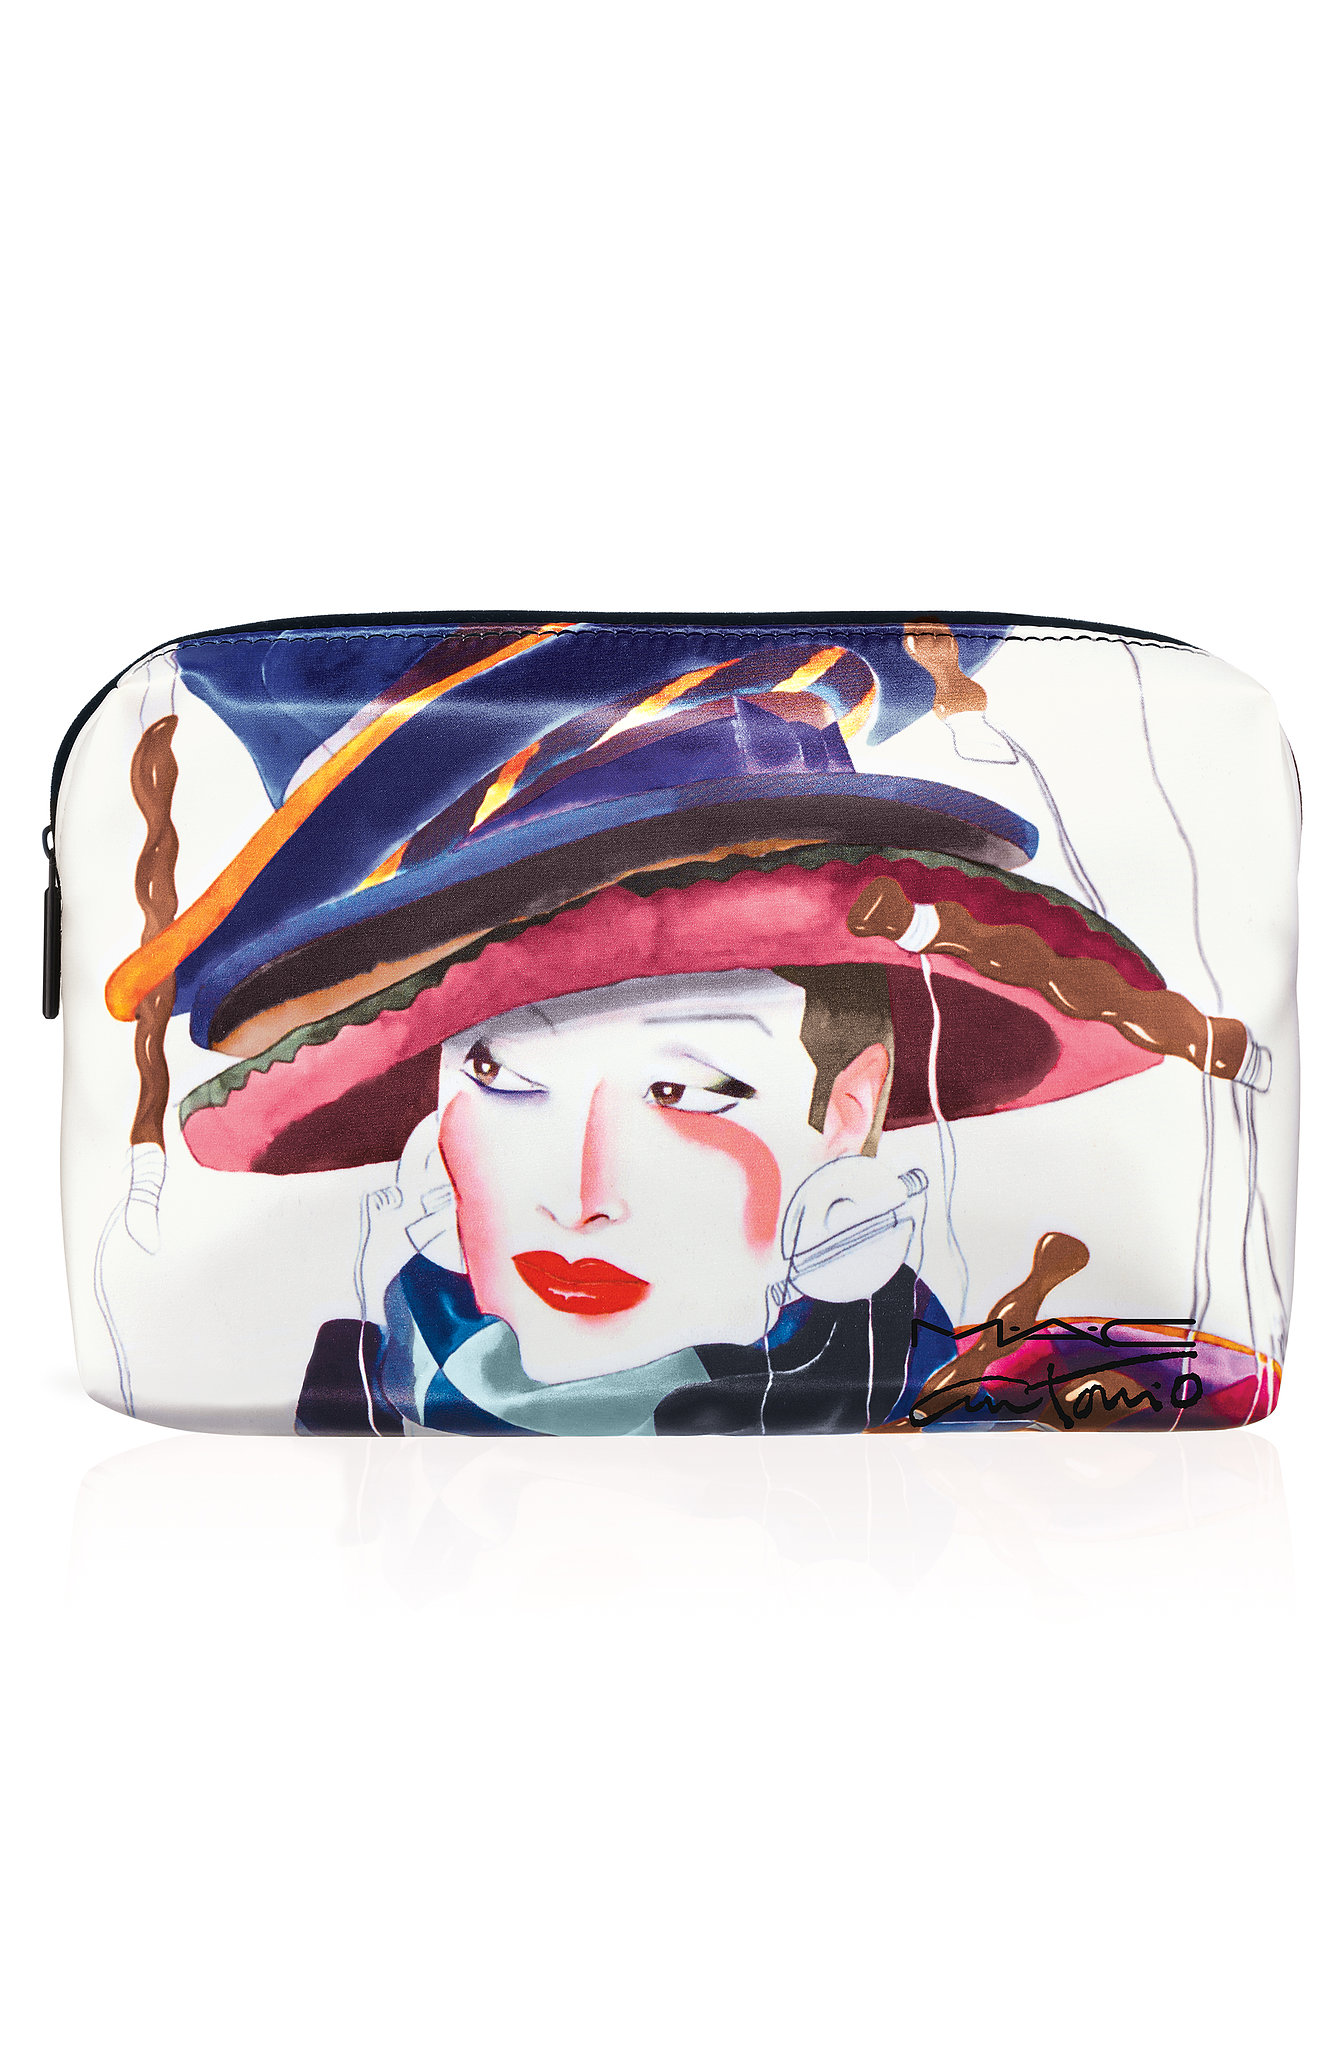 Makeup Bag ($40)